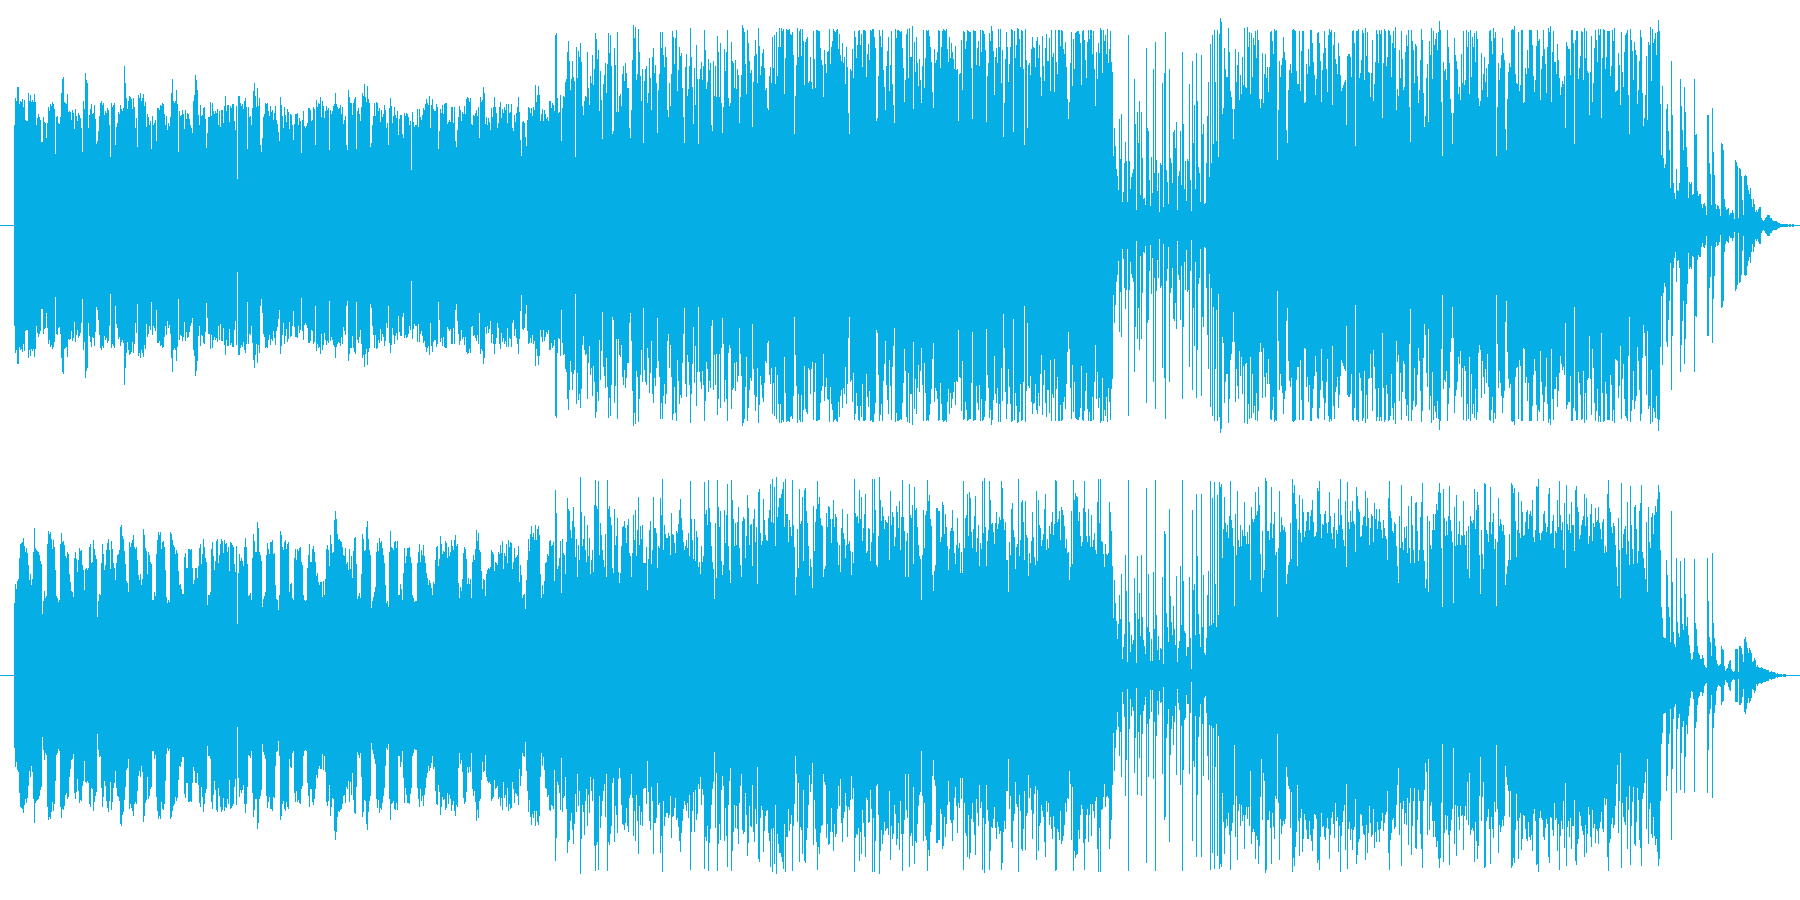 中世風古笛ワルツ:ホラー系や廃墟シーンにの再生済みの波形